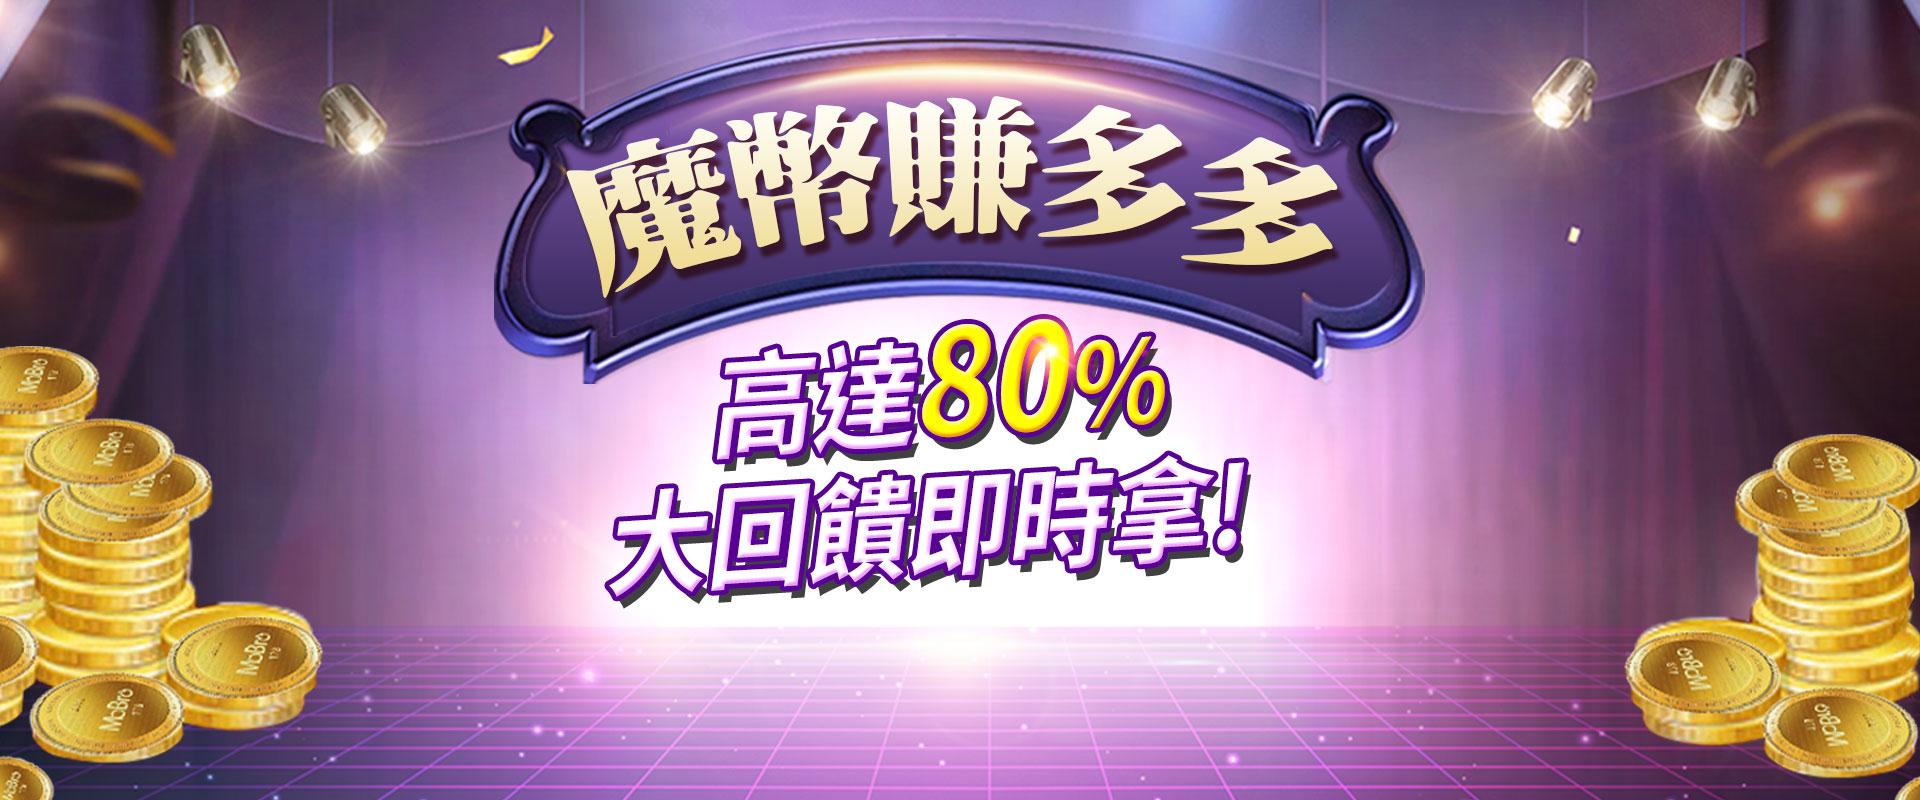 最高回饋80% 邊買邊賺 !